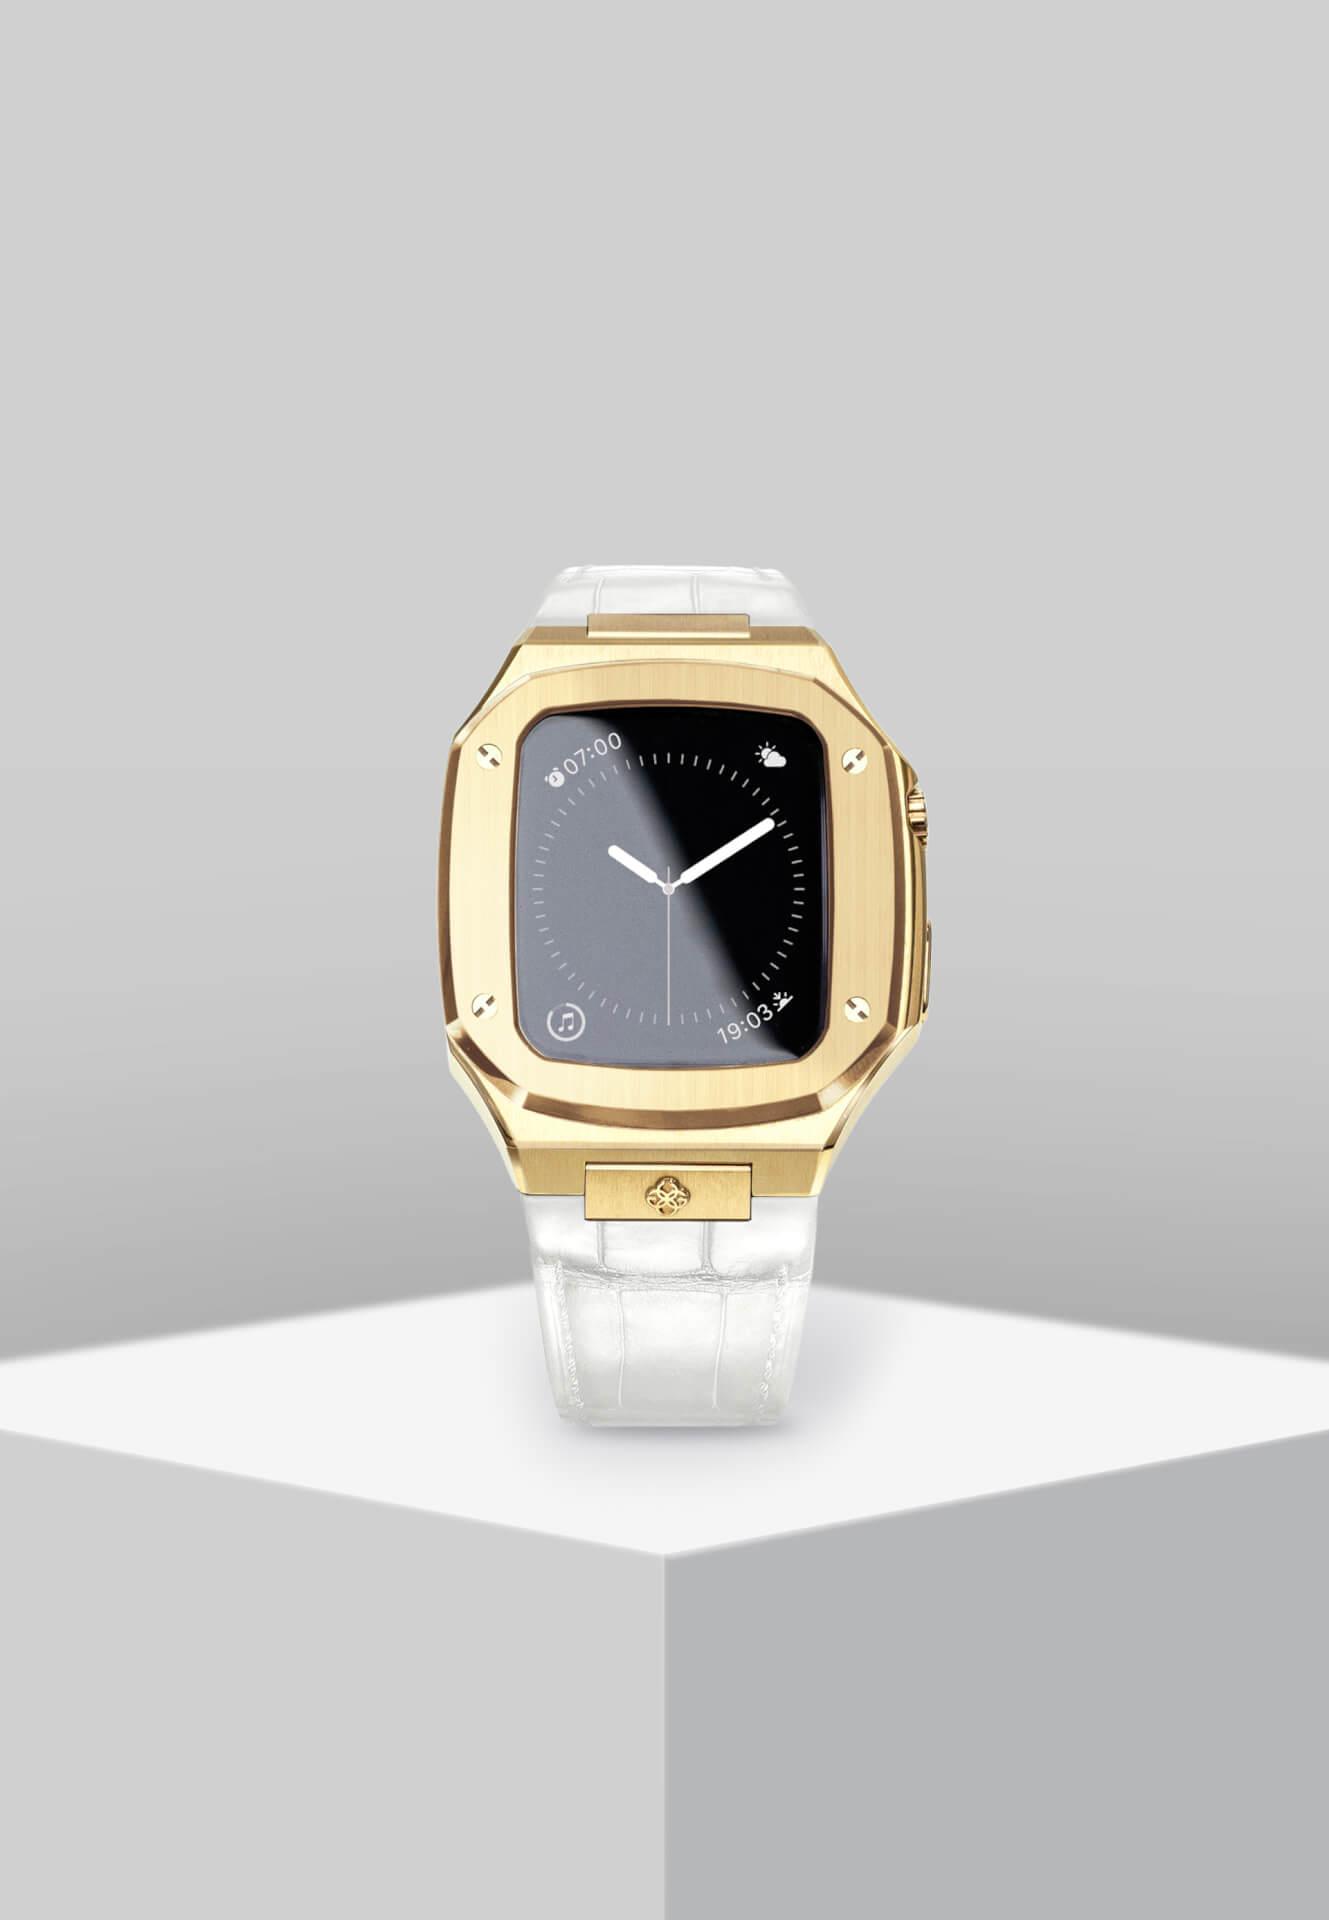 高級感漂うGOLDEN CONCEPTのApple Watchケースに待望の40mm用新コレクションが登場!ホワイト、イエローなどの新カラーがラインナップ tech201124_applewatch_case_1